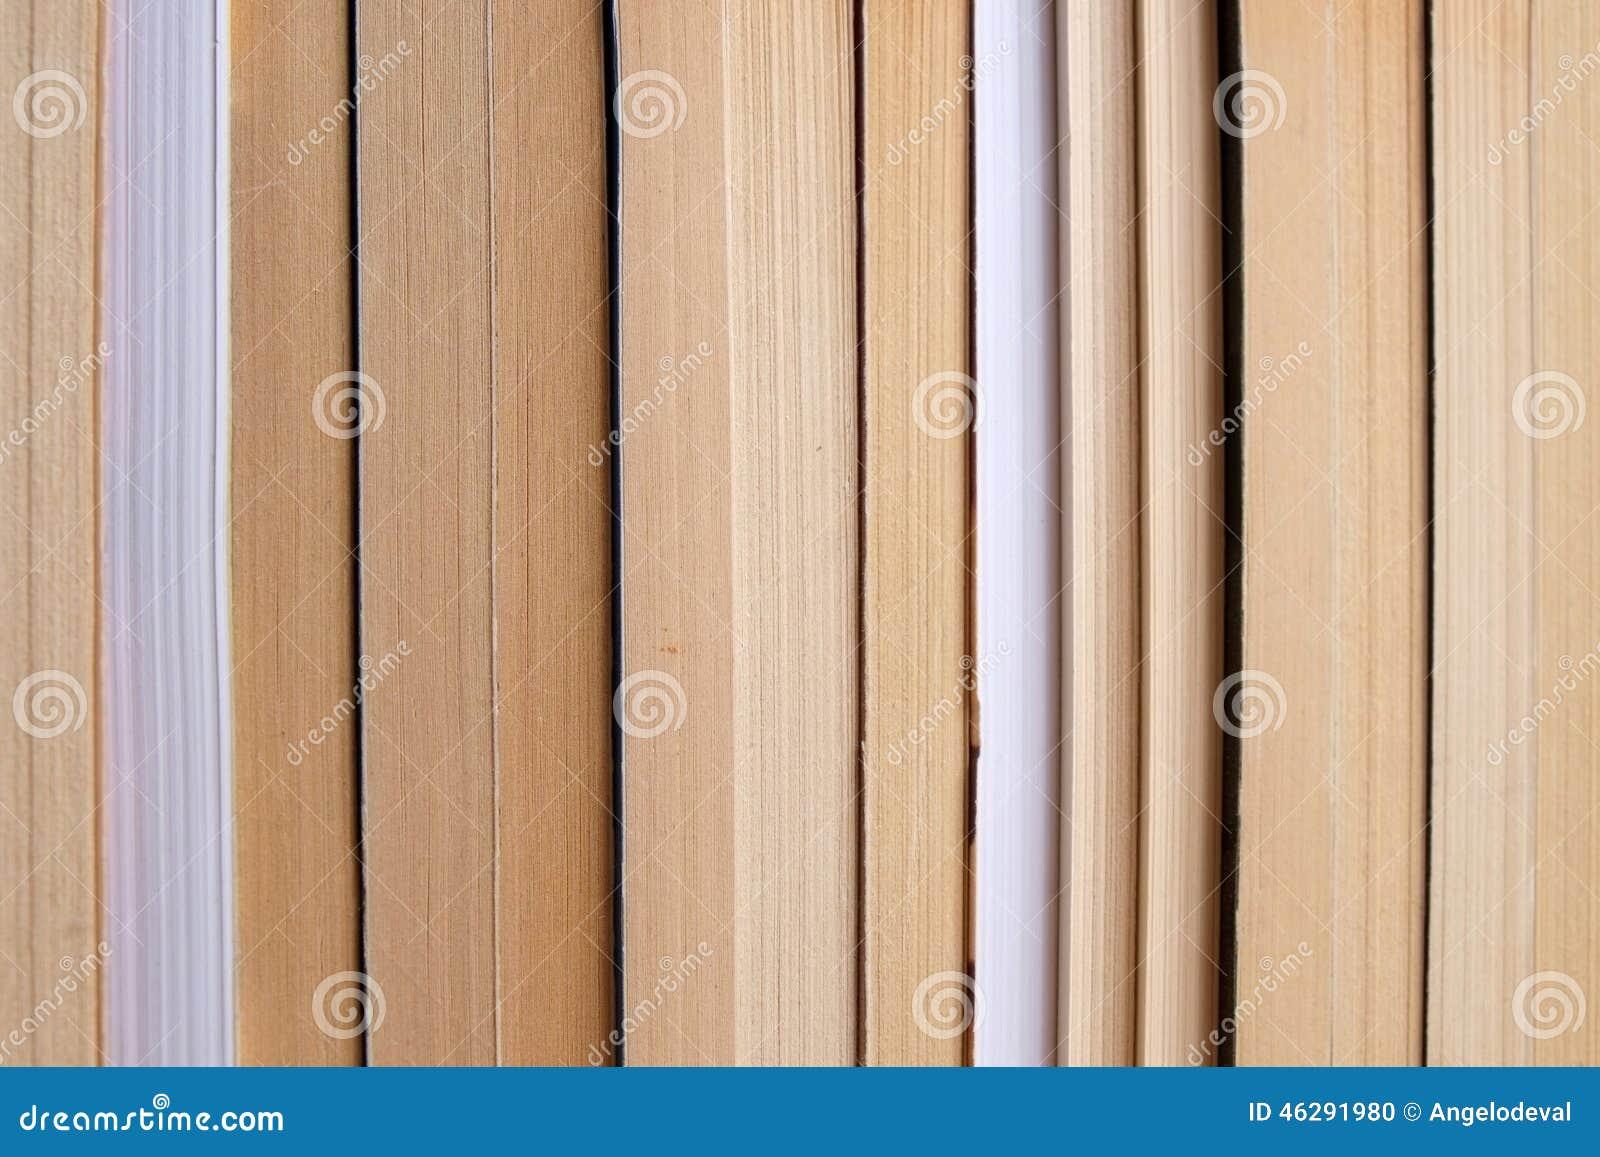 Bücher nebeneinander  Bücher Vereinbart Nebeneinander Auf Einem Regal Stockfoto - Bild ...